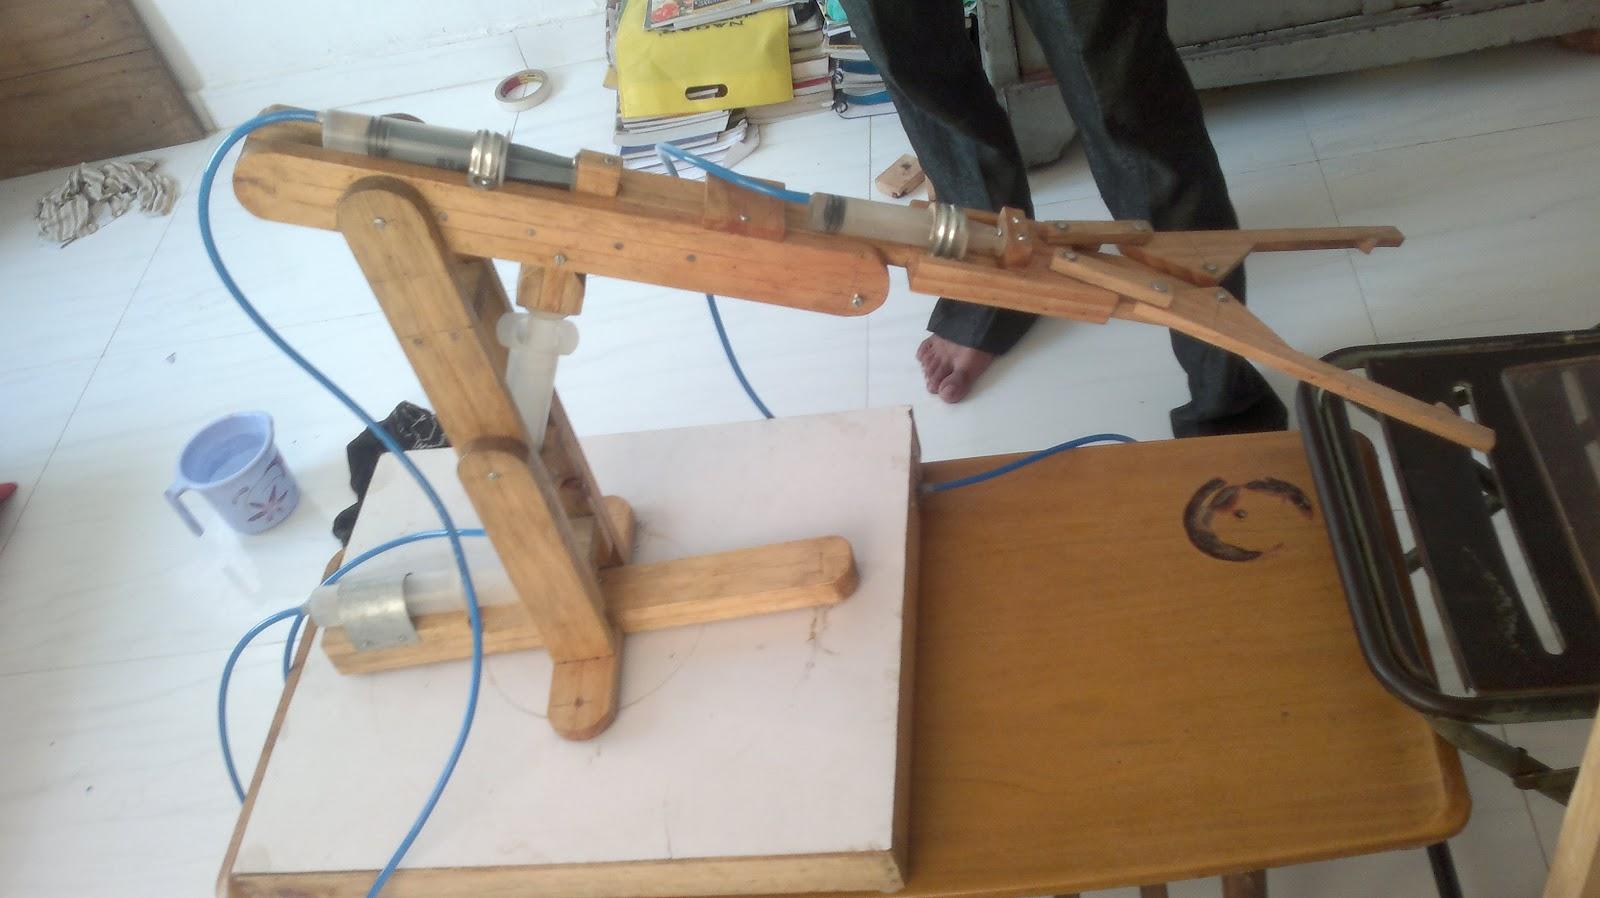 Hydraulic Arm Project : Hydraulic arm